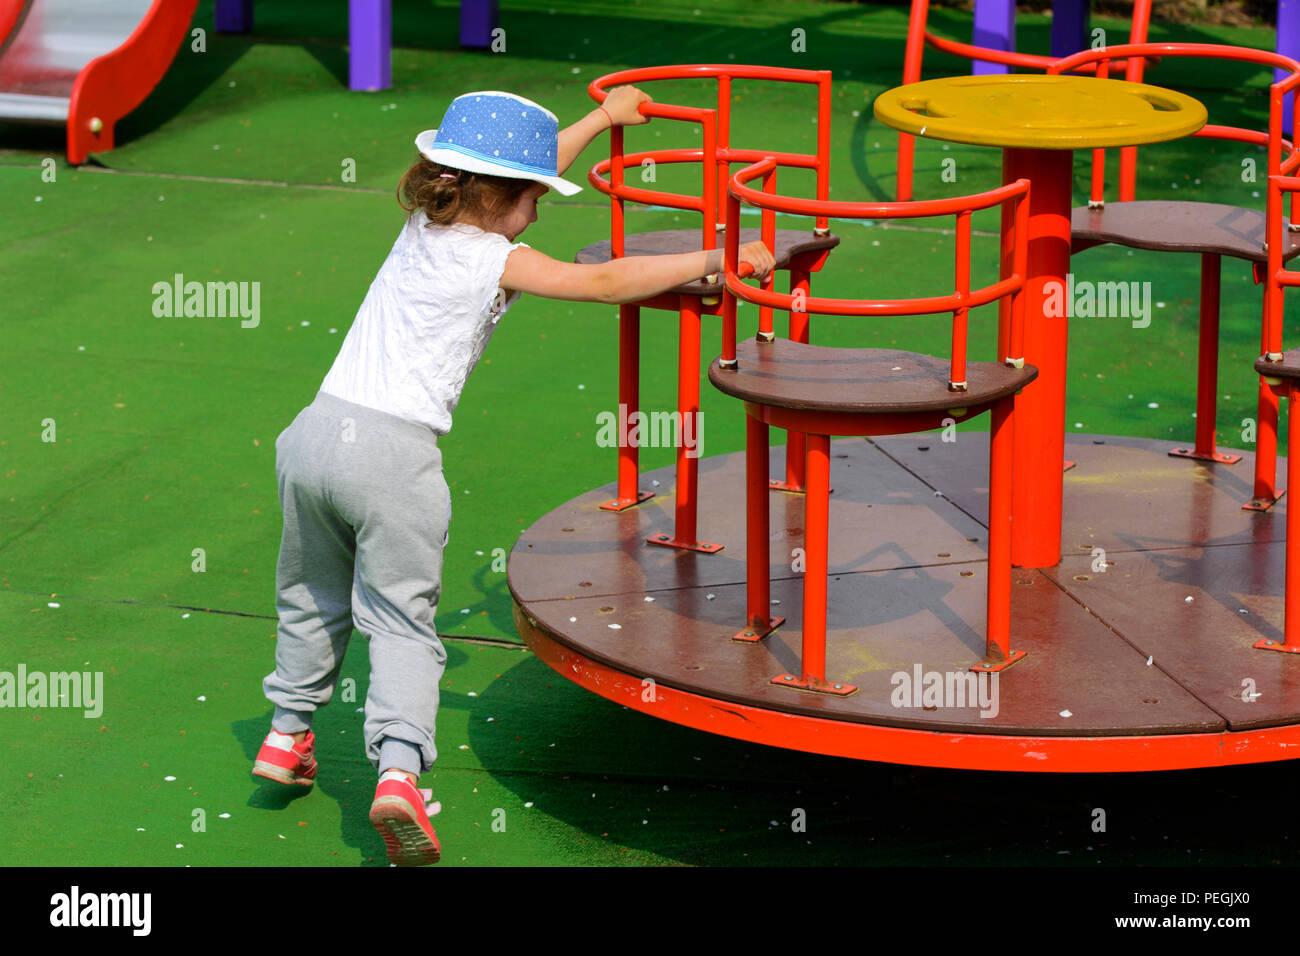 Los Ninos Pequenos Correr Y Jugar En El Parque Infantil Centro De